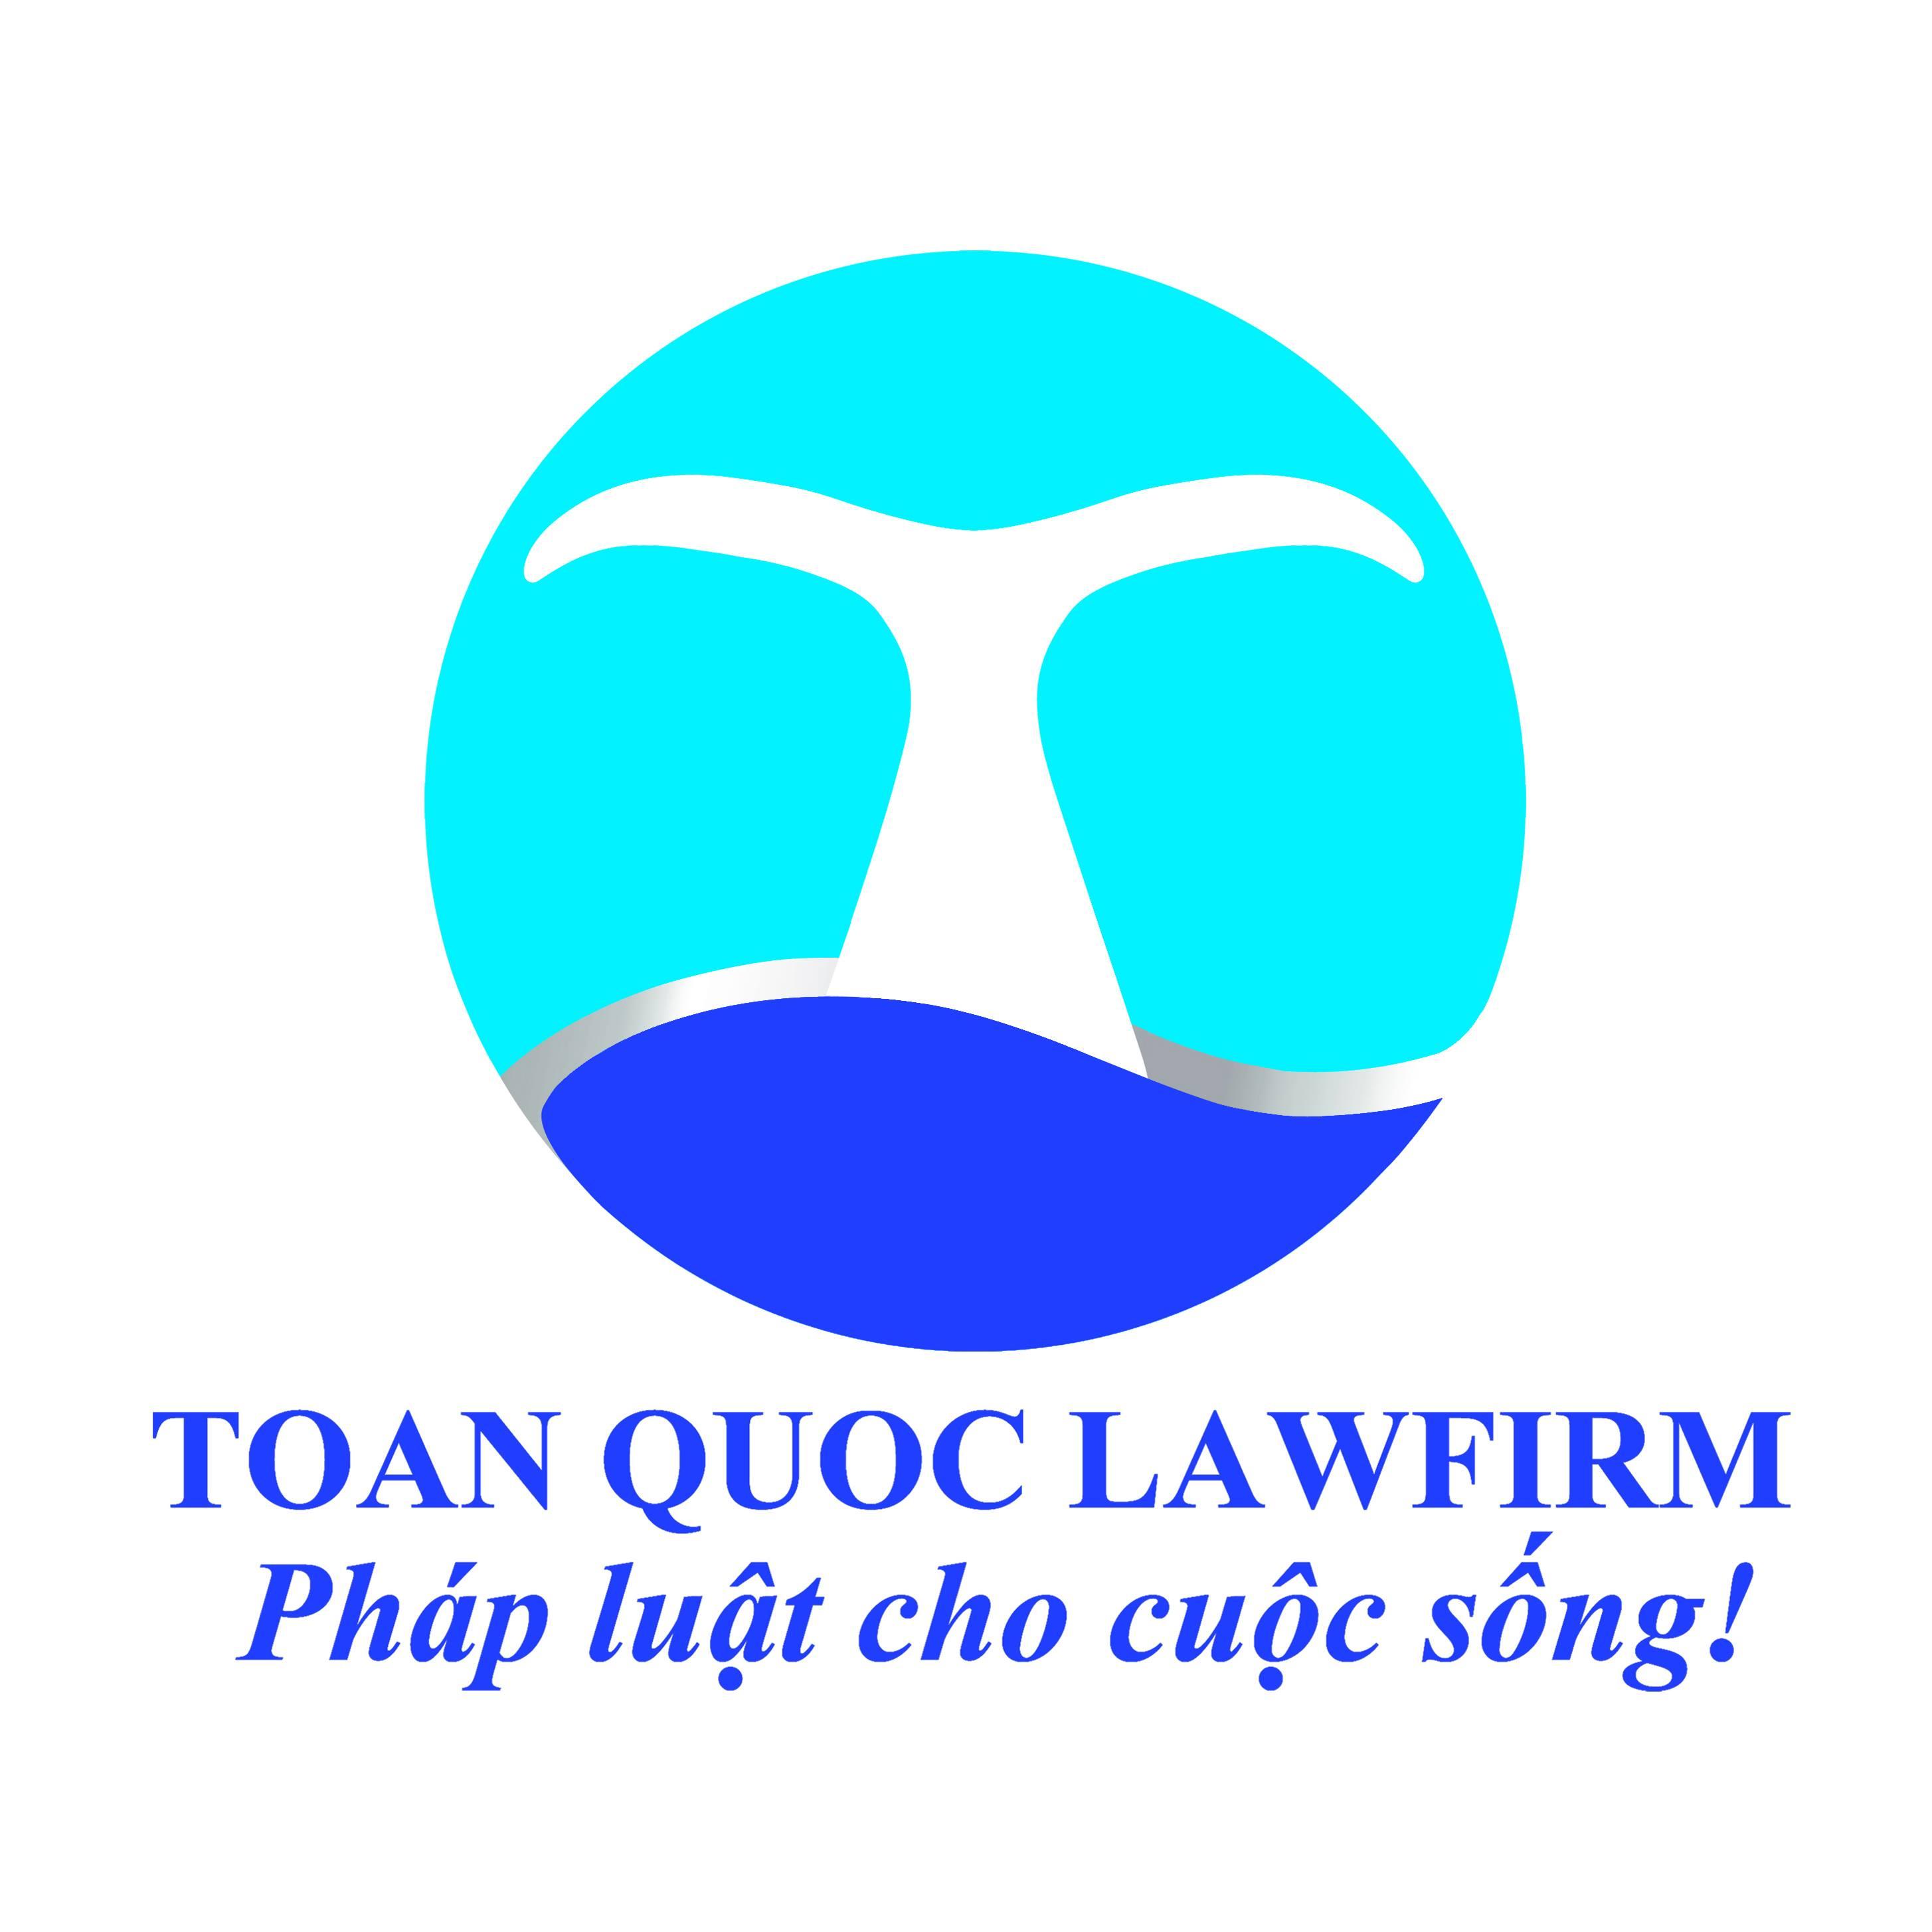 Thông tư liên tịch 02/2018/TTLT-BCA-VKSNDTC-TANDTC-BQP